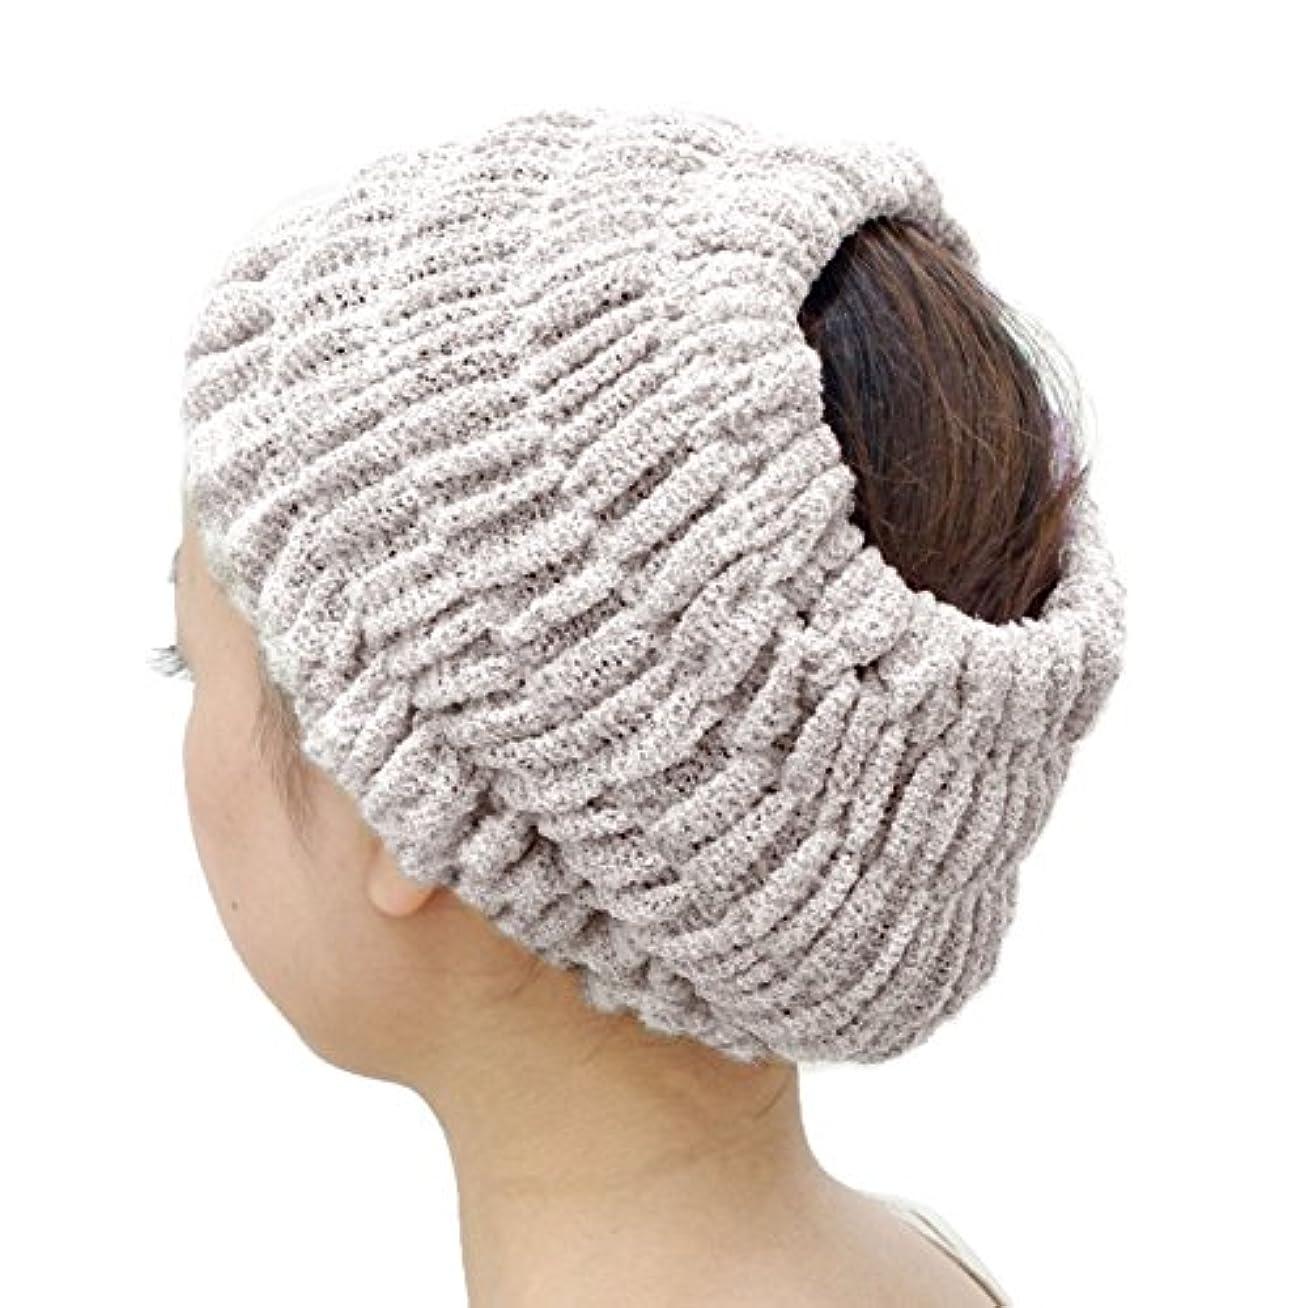 限定いちゃつく掘るオカ(OKA) プリスベイス エピ 乾きやすいバスヘアターバン ブラウン フリーサイズ PLYS base epi(ターバン ヘアバンド 髪留め)